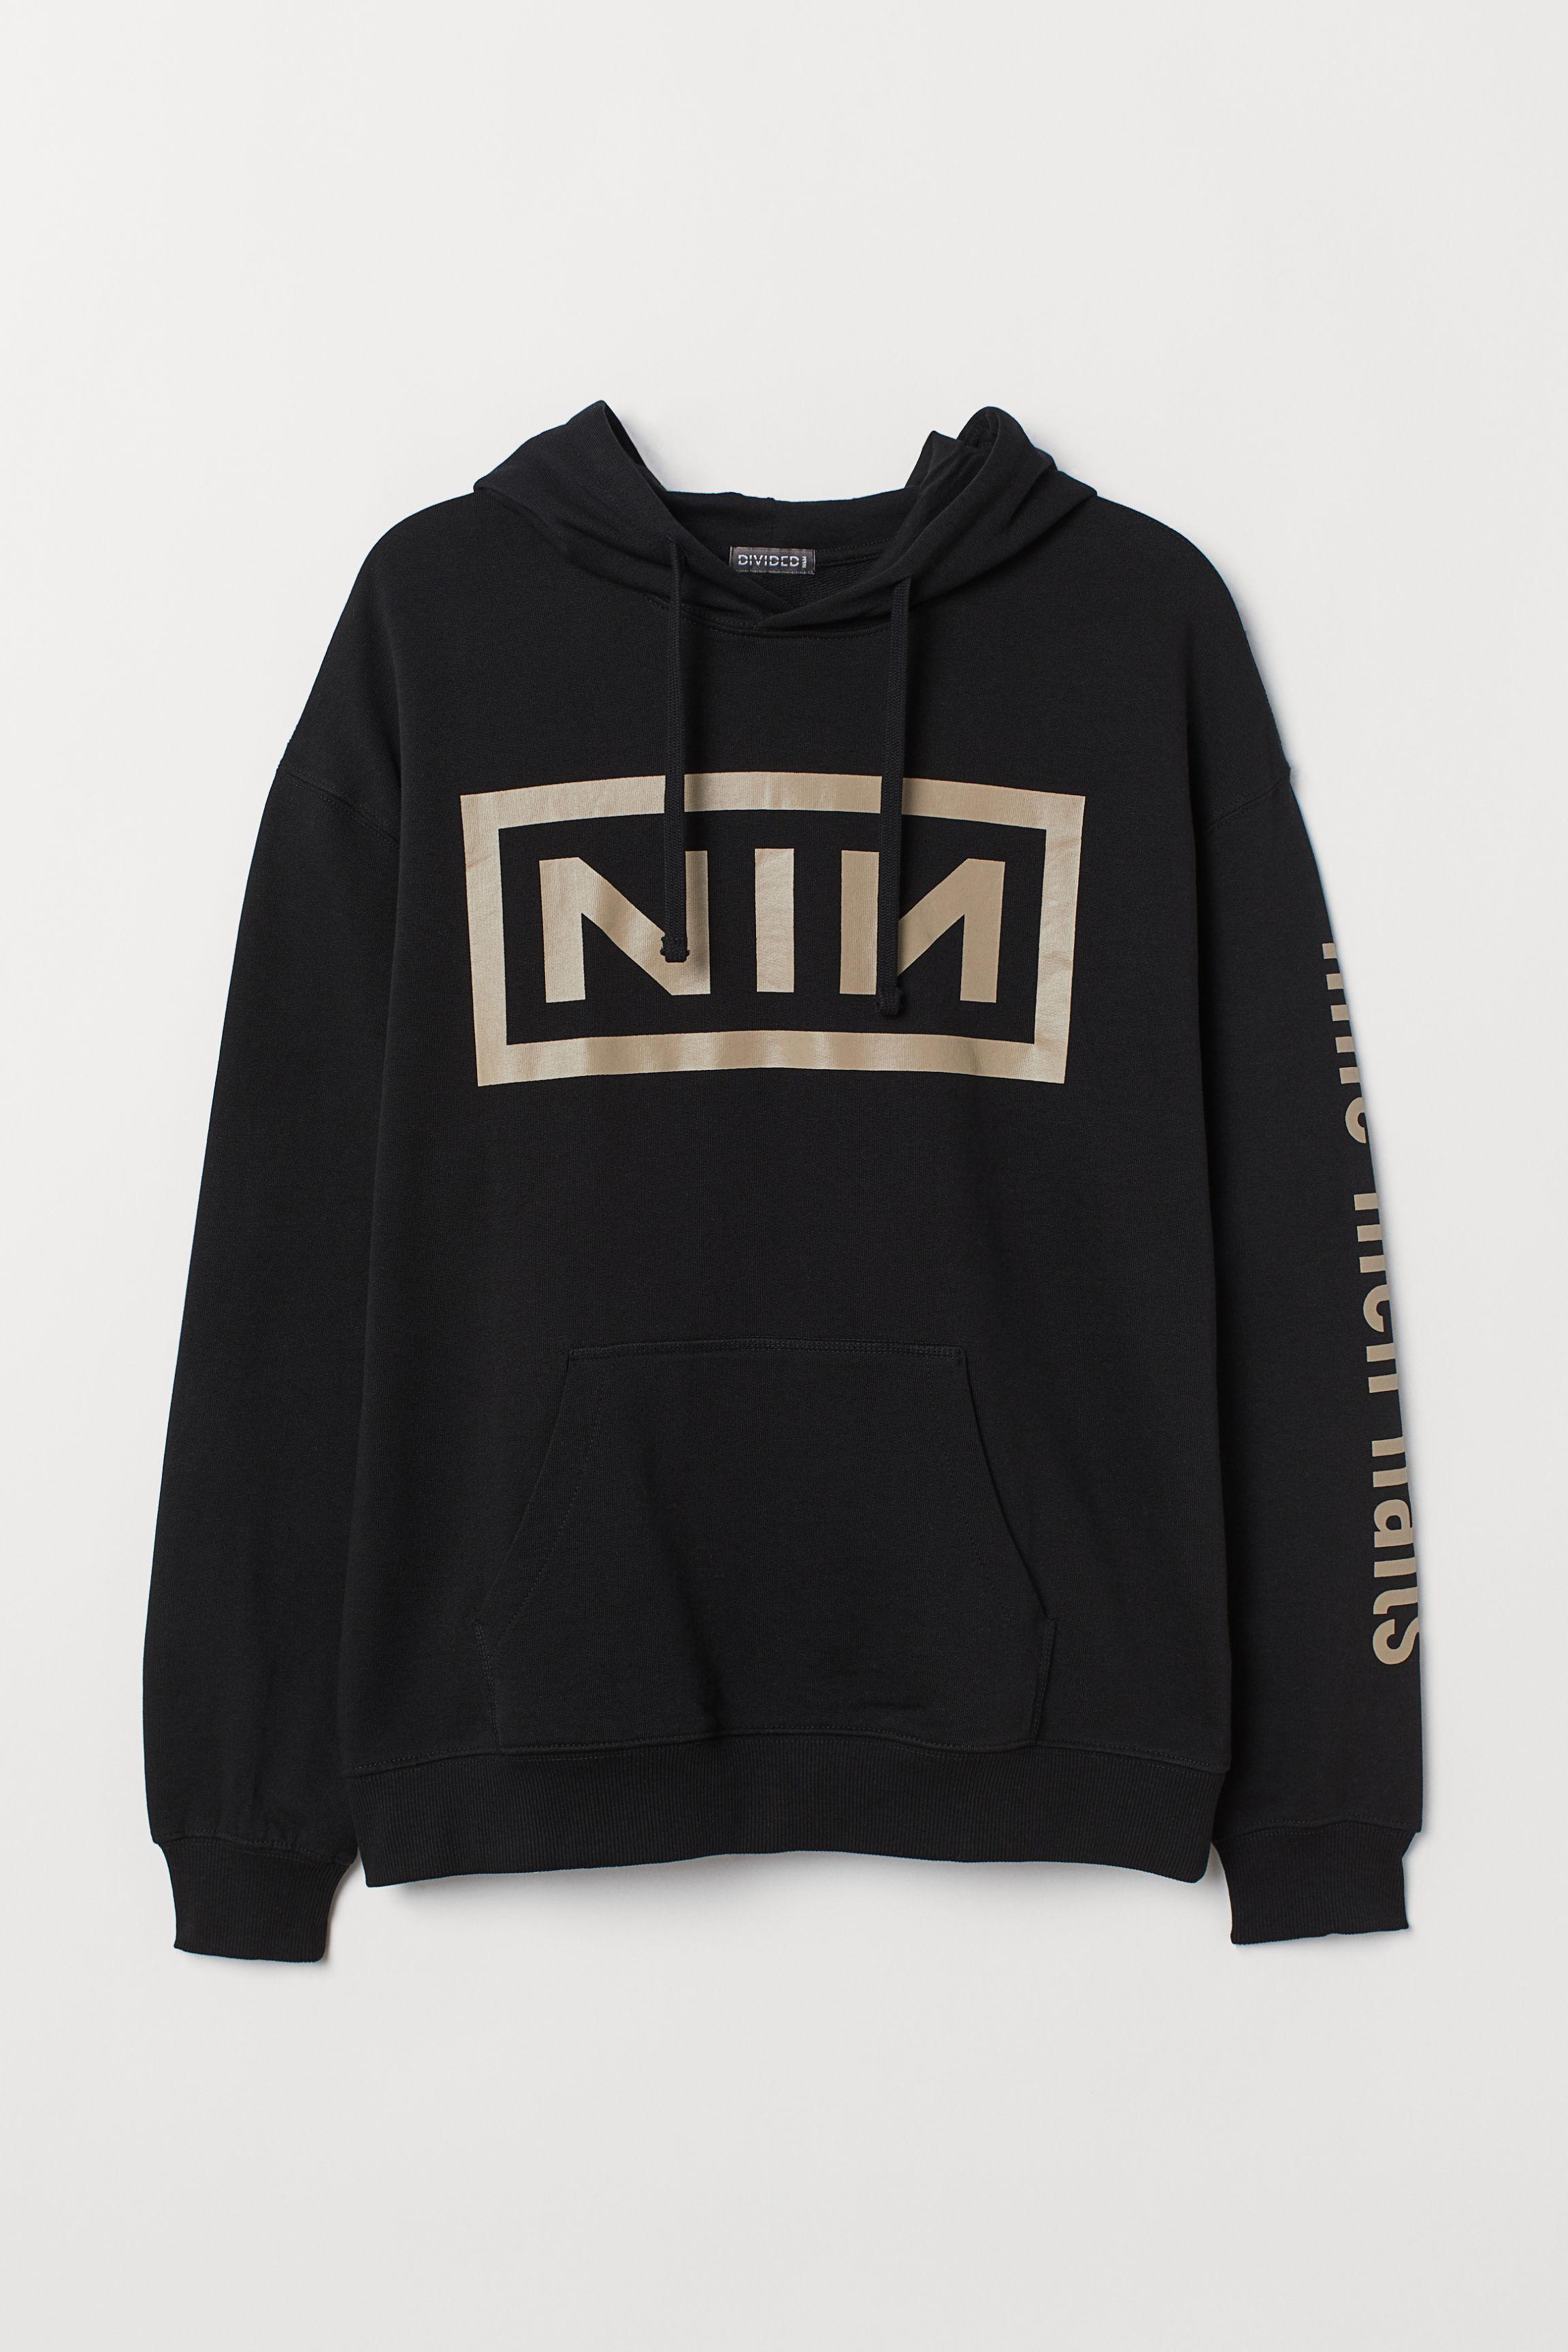 89847ba88e1 Printed Hooded Sweatshirt